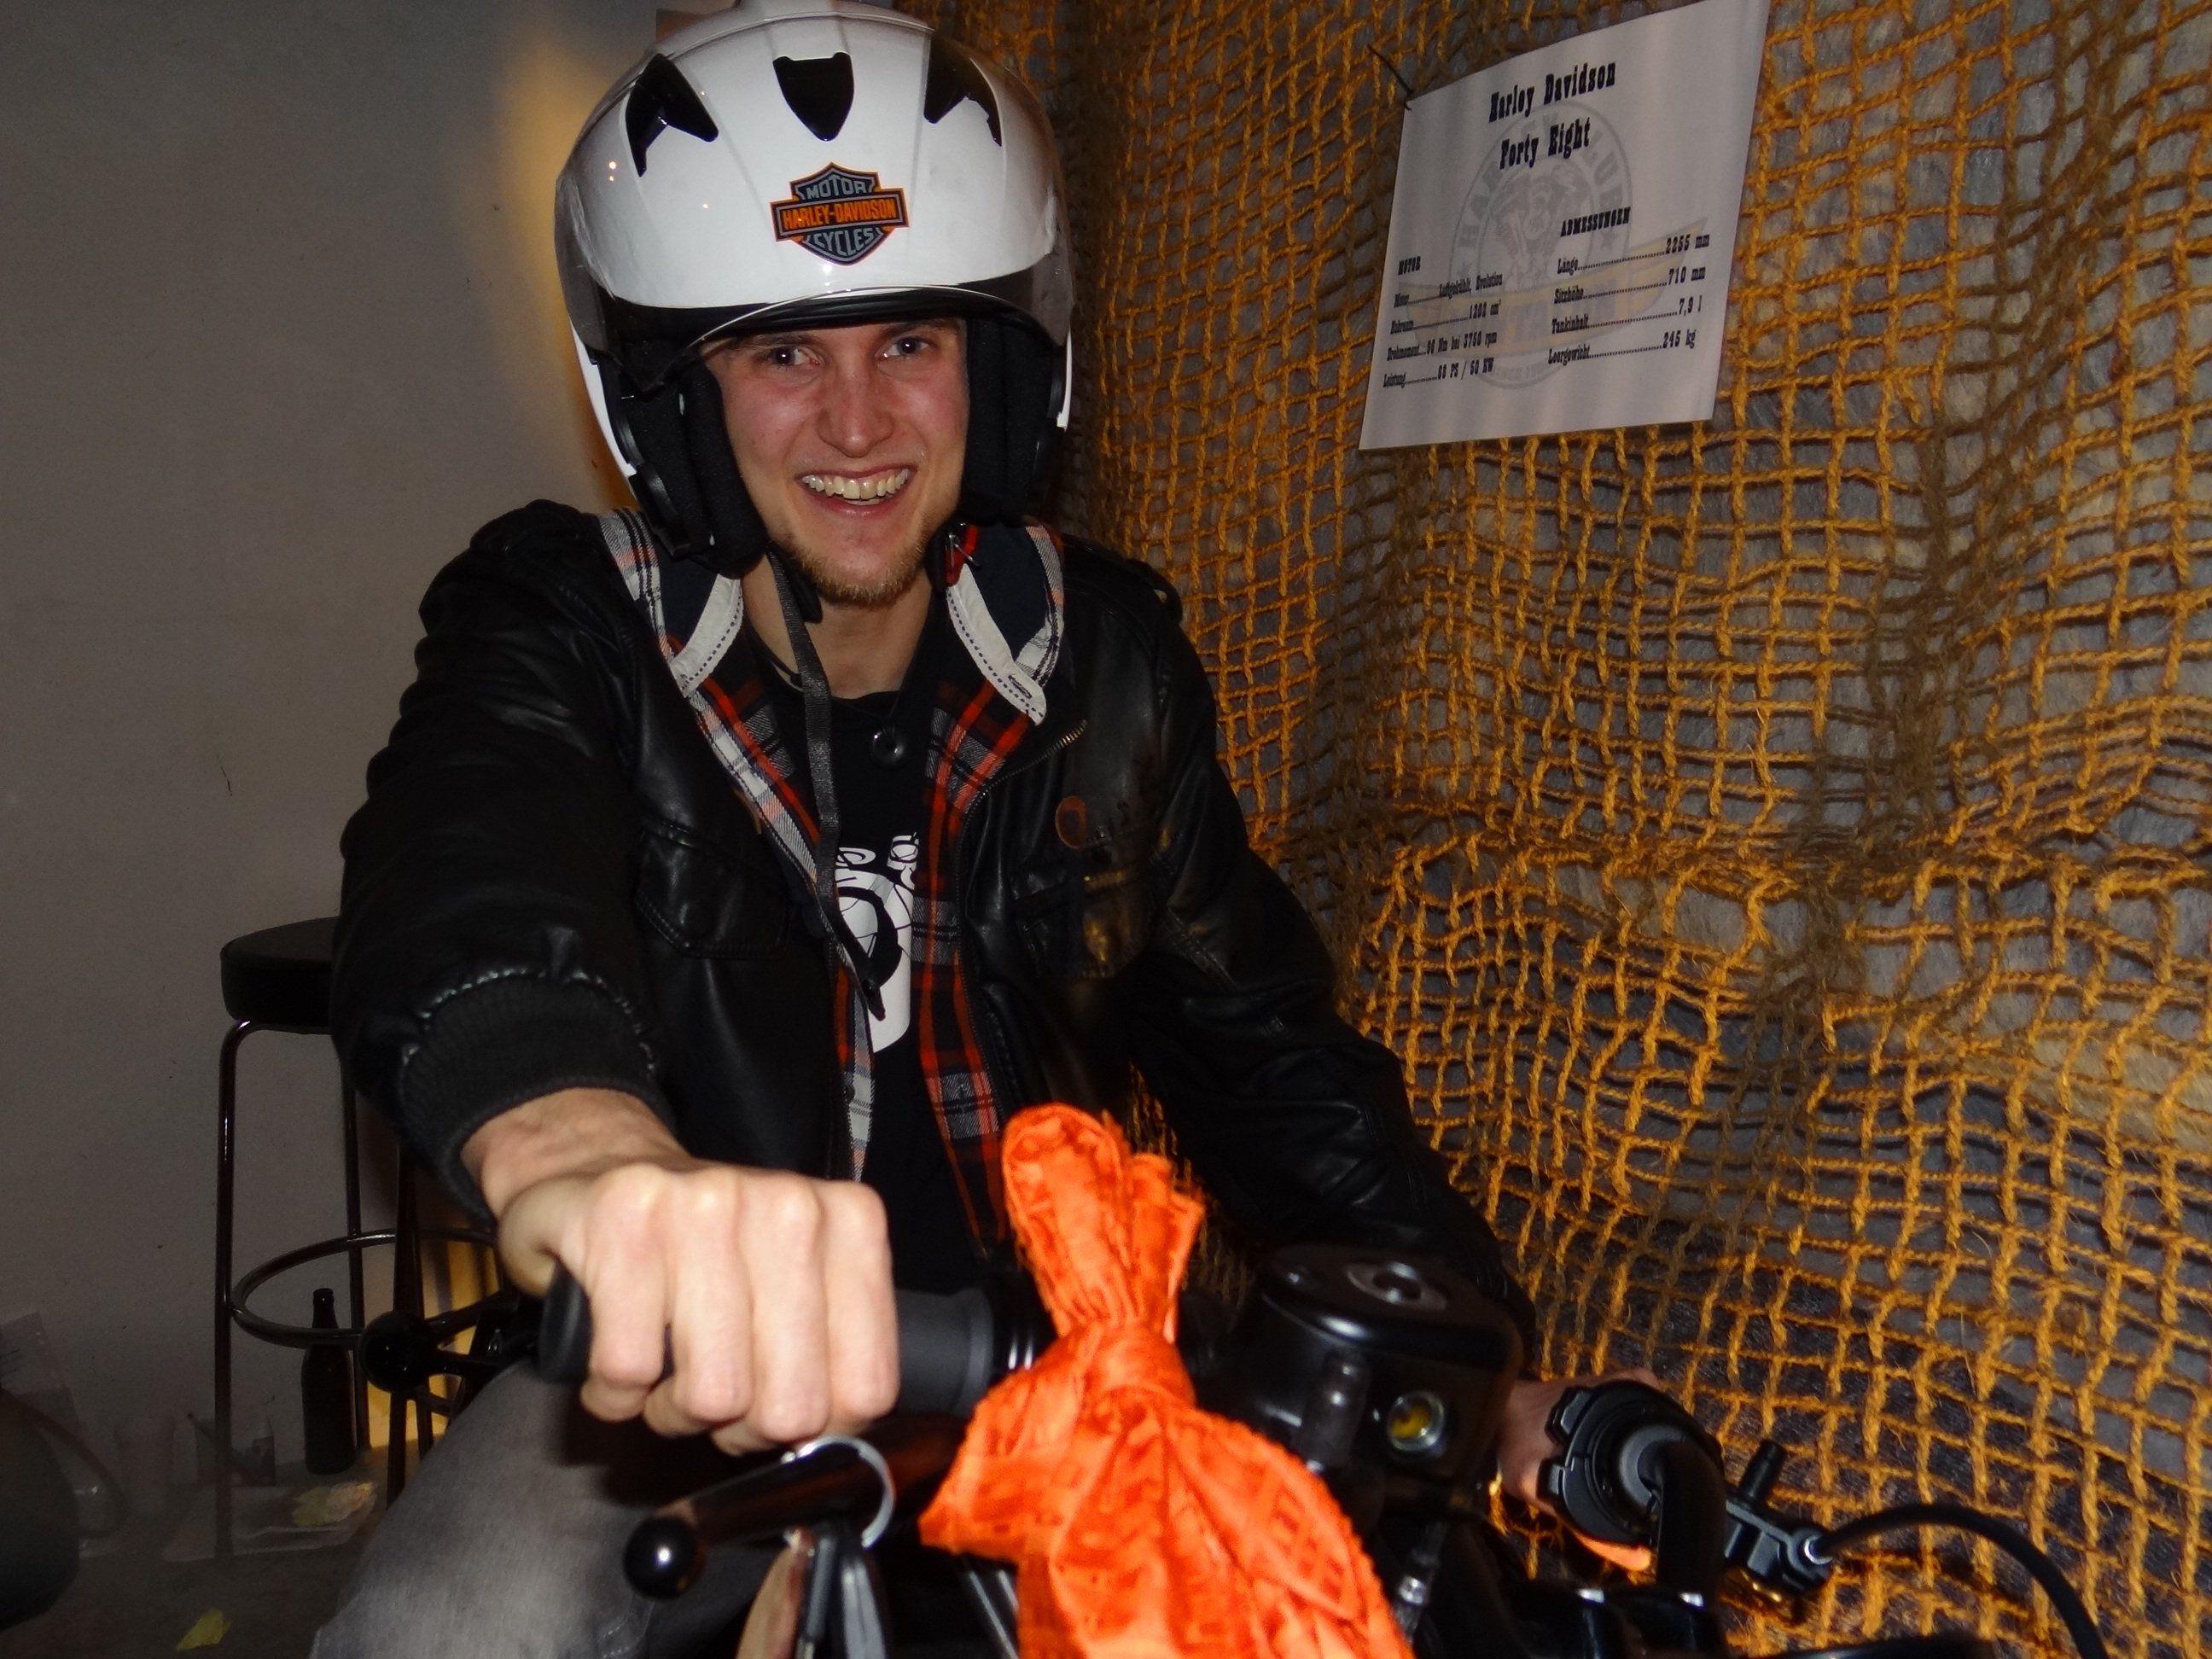 Der Harley-Gewinner mit seinem Hauptpreis